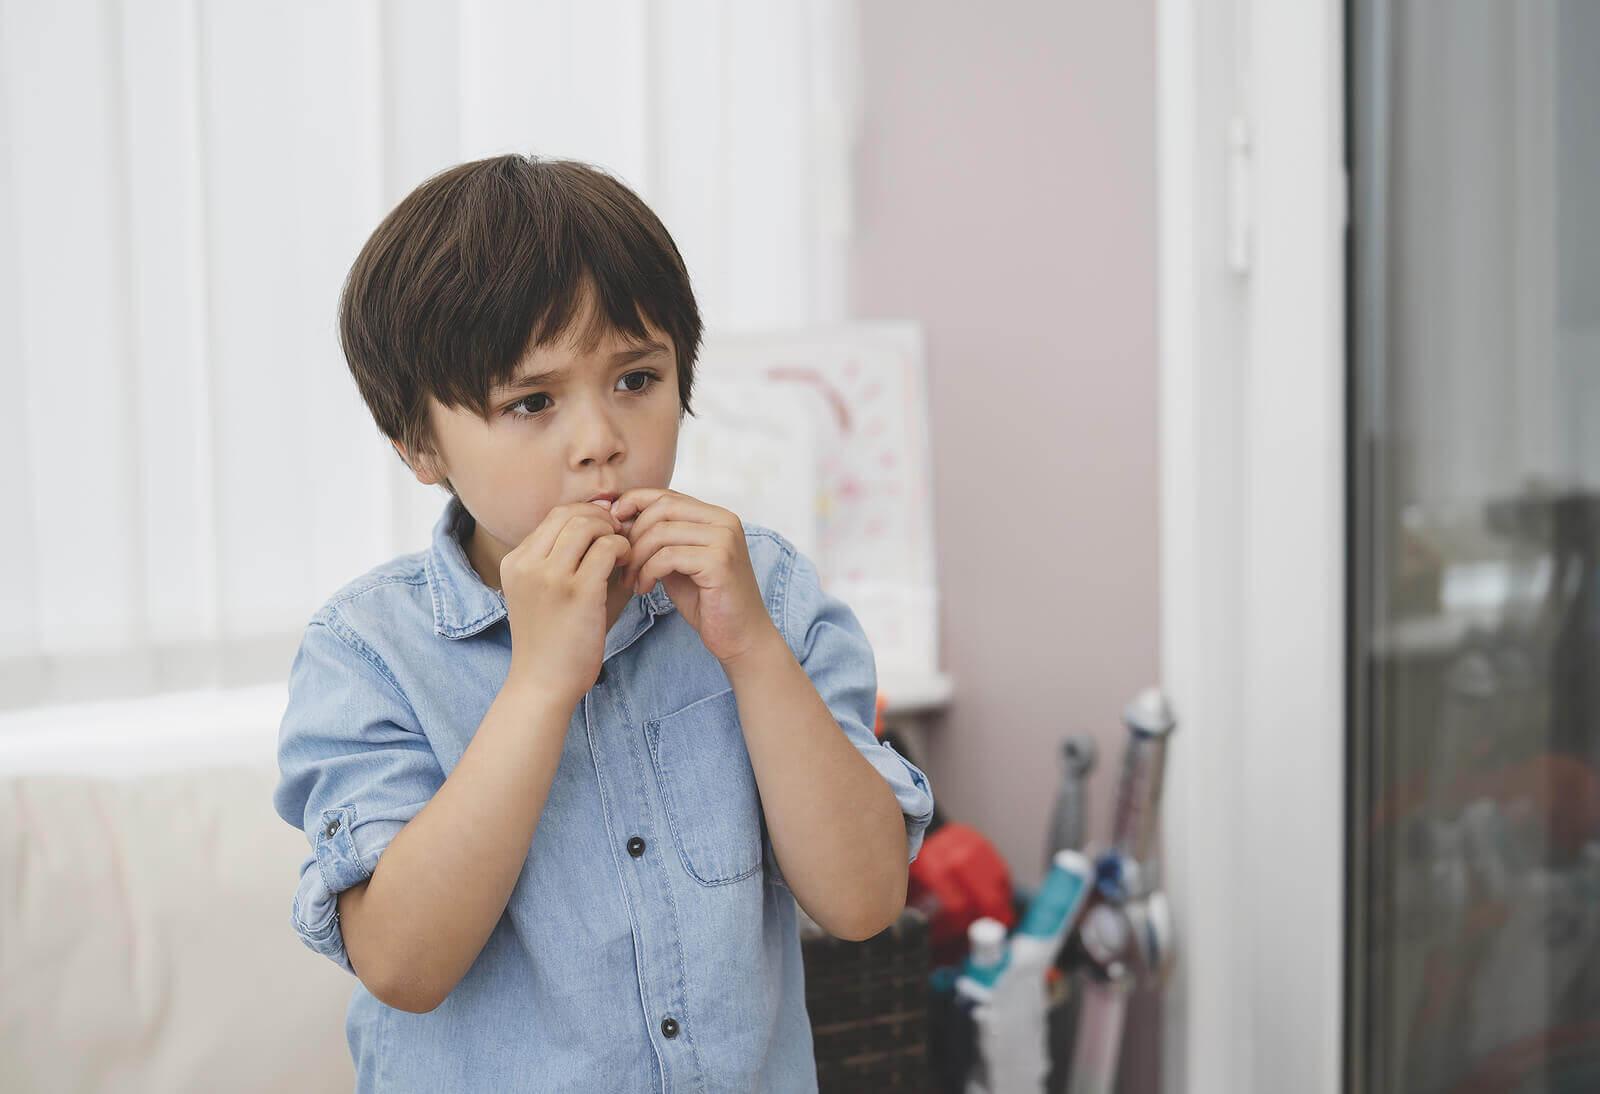 Understanding Children's Impulsive Behavior